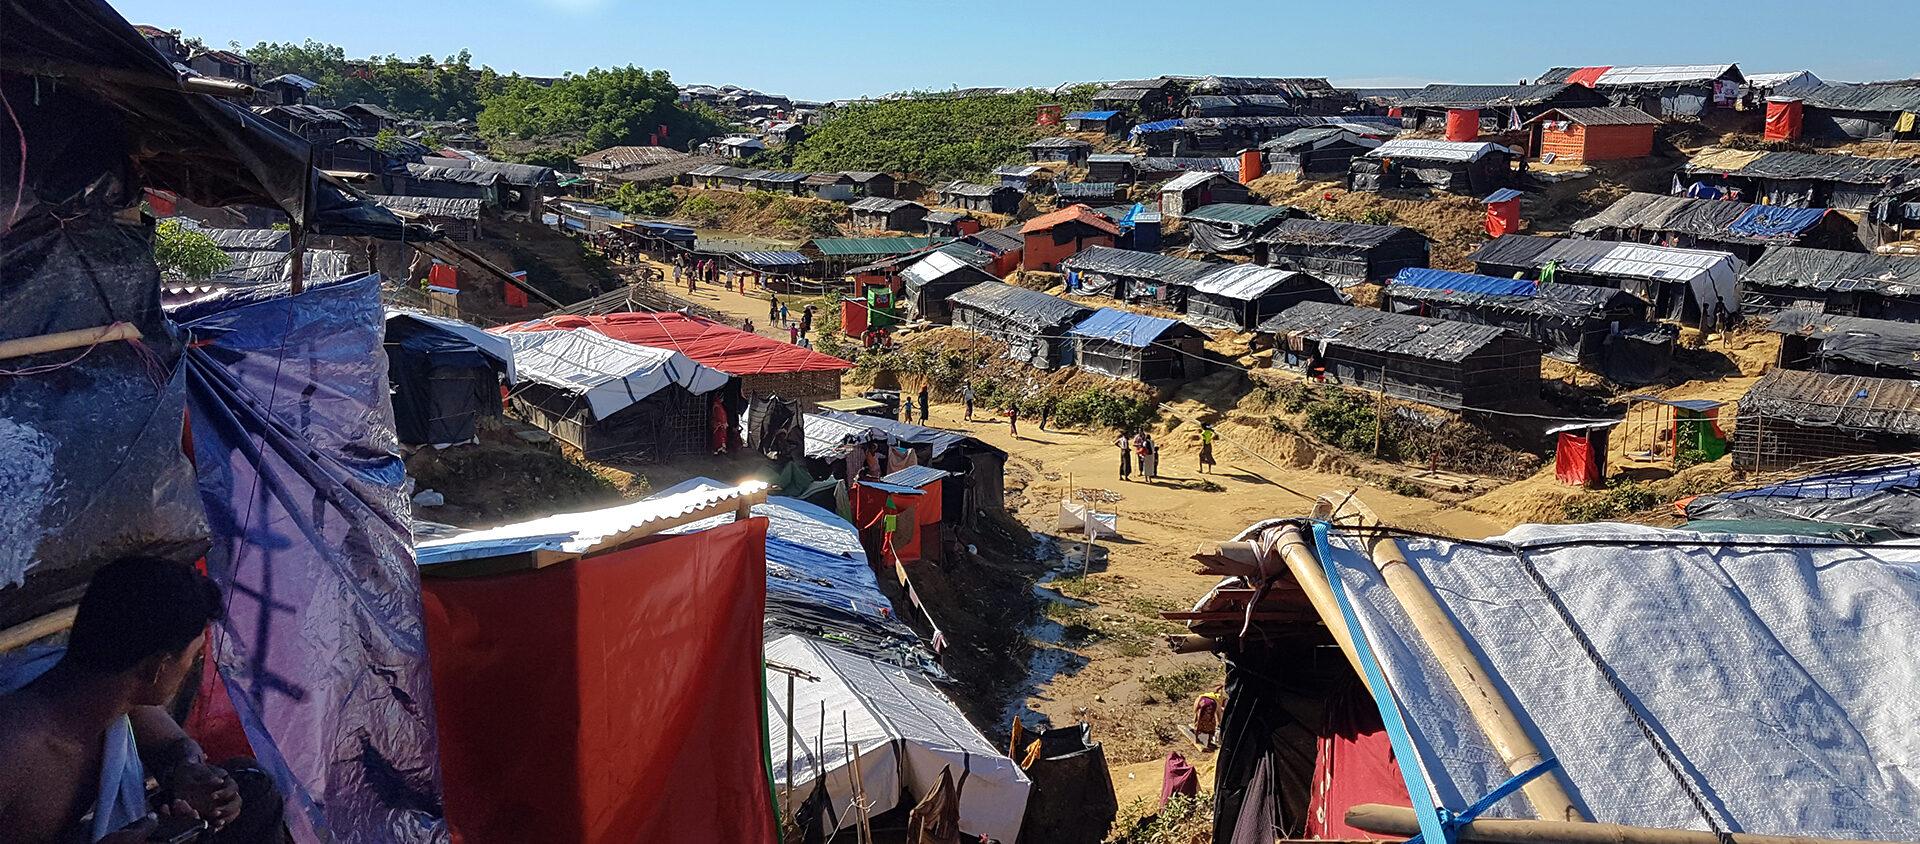 Ett flyktingläger i Bangladesh. Hit flyr många som tillhör folkgruppen Rohingyas. De flyr eftersom de blir förföljda av andra människor i sitt hemland Myanmar.